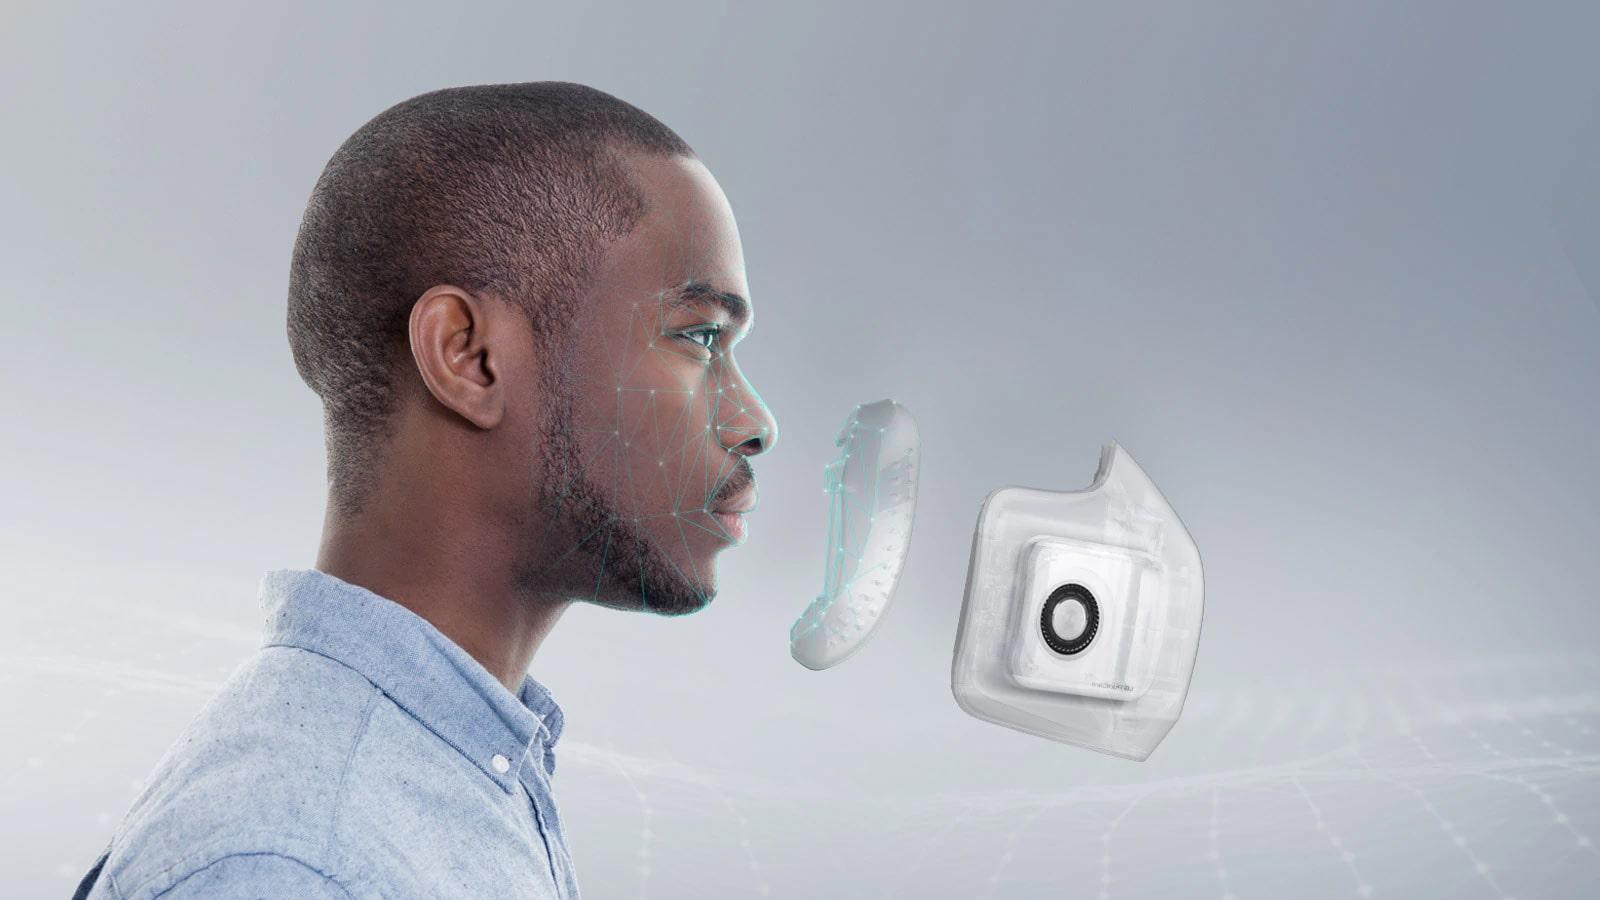 Sản phẩm khẩu trang lọc khí LG PuriCare™ được tạo nên nhờ kết hợp kiến tức của ngành sinh trắc học và vật lý môi trường nhằm mang đến thiết kế tối ưu nhất cho người sử dụng.